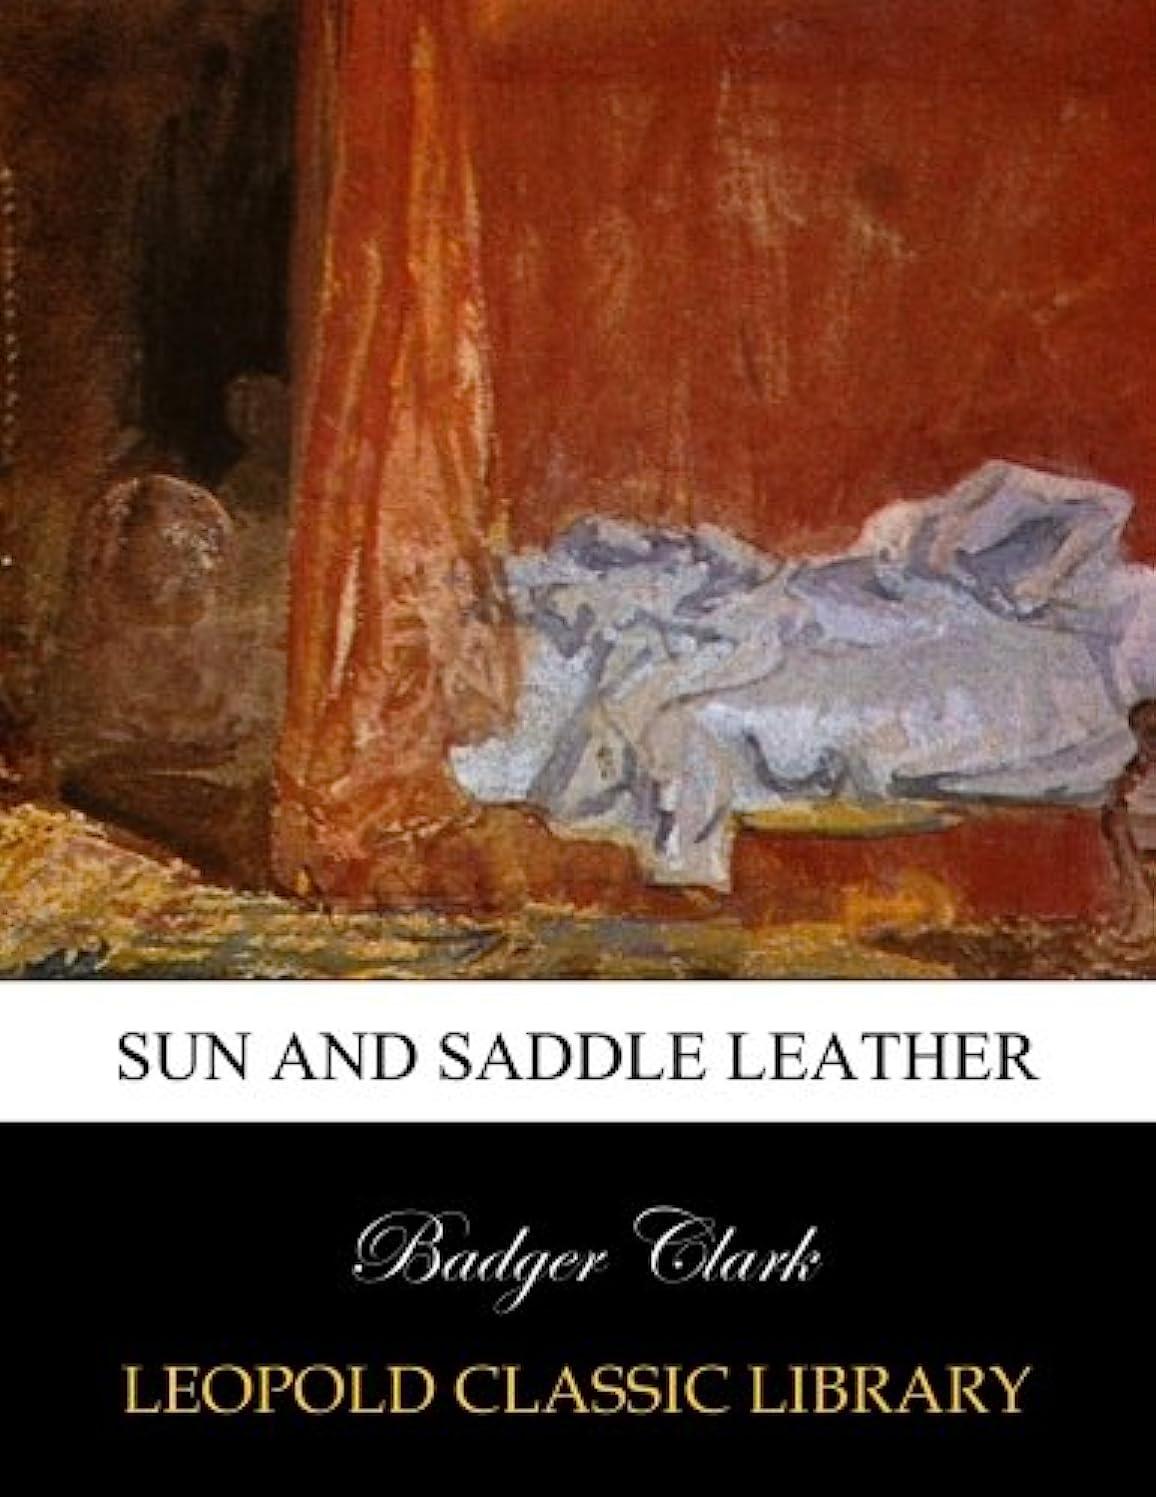 巨大魔術師消費するSun and saddle leather